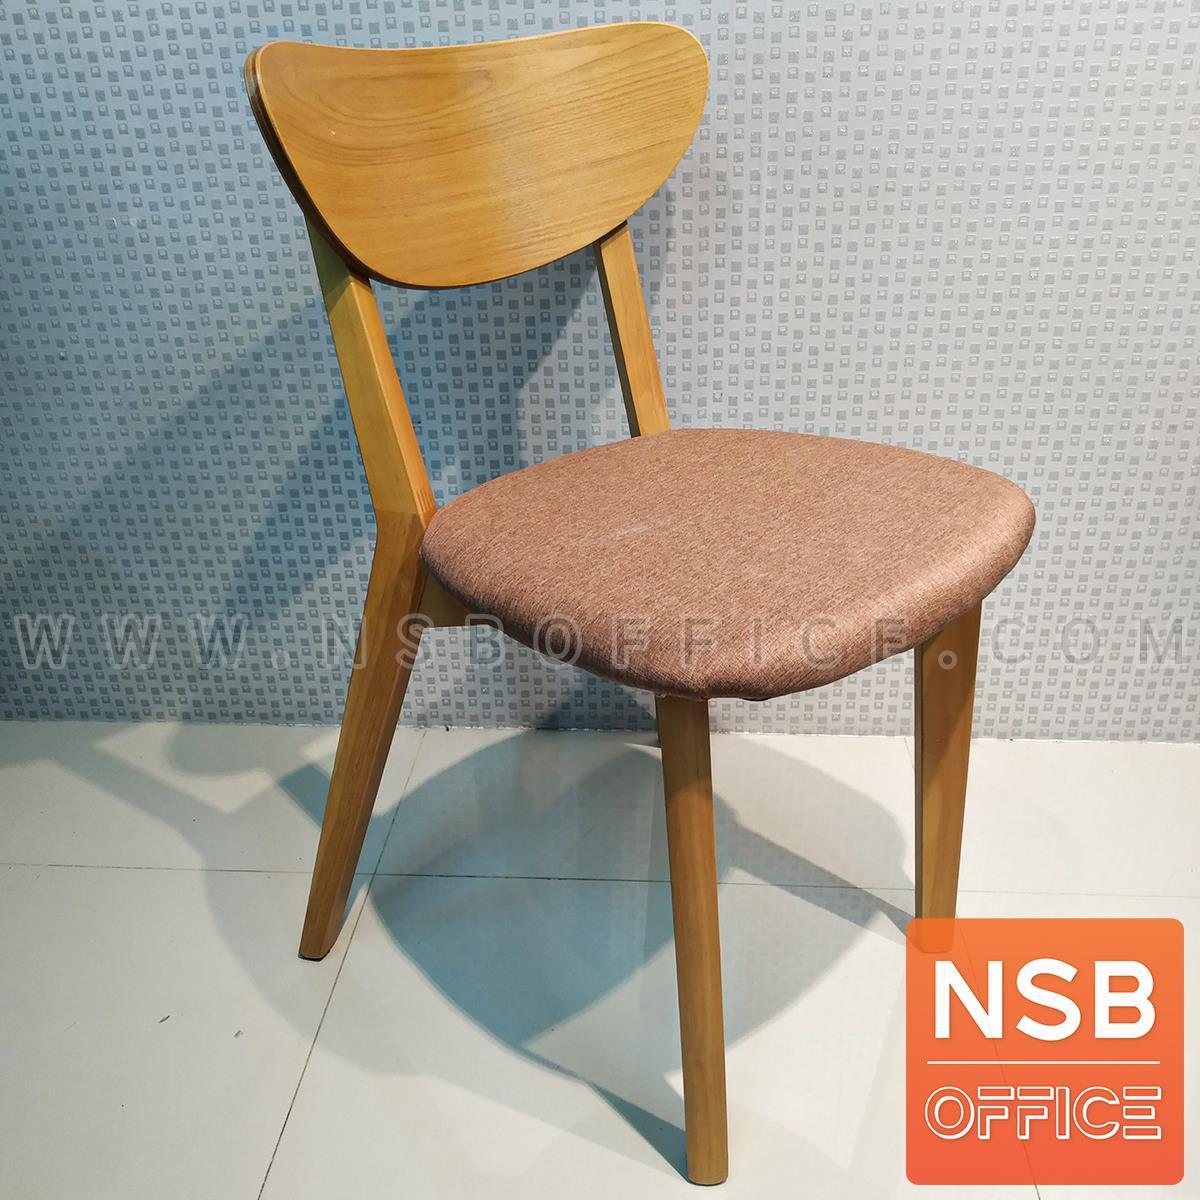 เก้าอี้รับประทานอาหาร ขาไม้จริง รุ่น  Blackburn (แบล็กเบิร์น)  ขนาด 46W cm เบาะหุ้มหนังเทียม